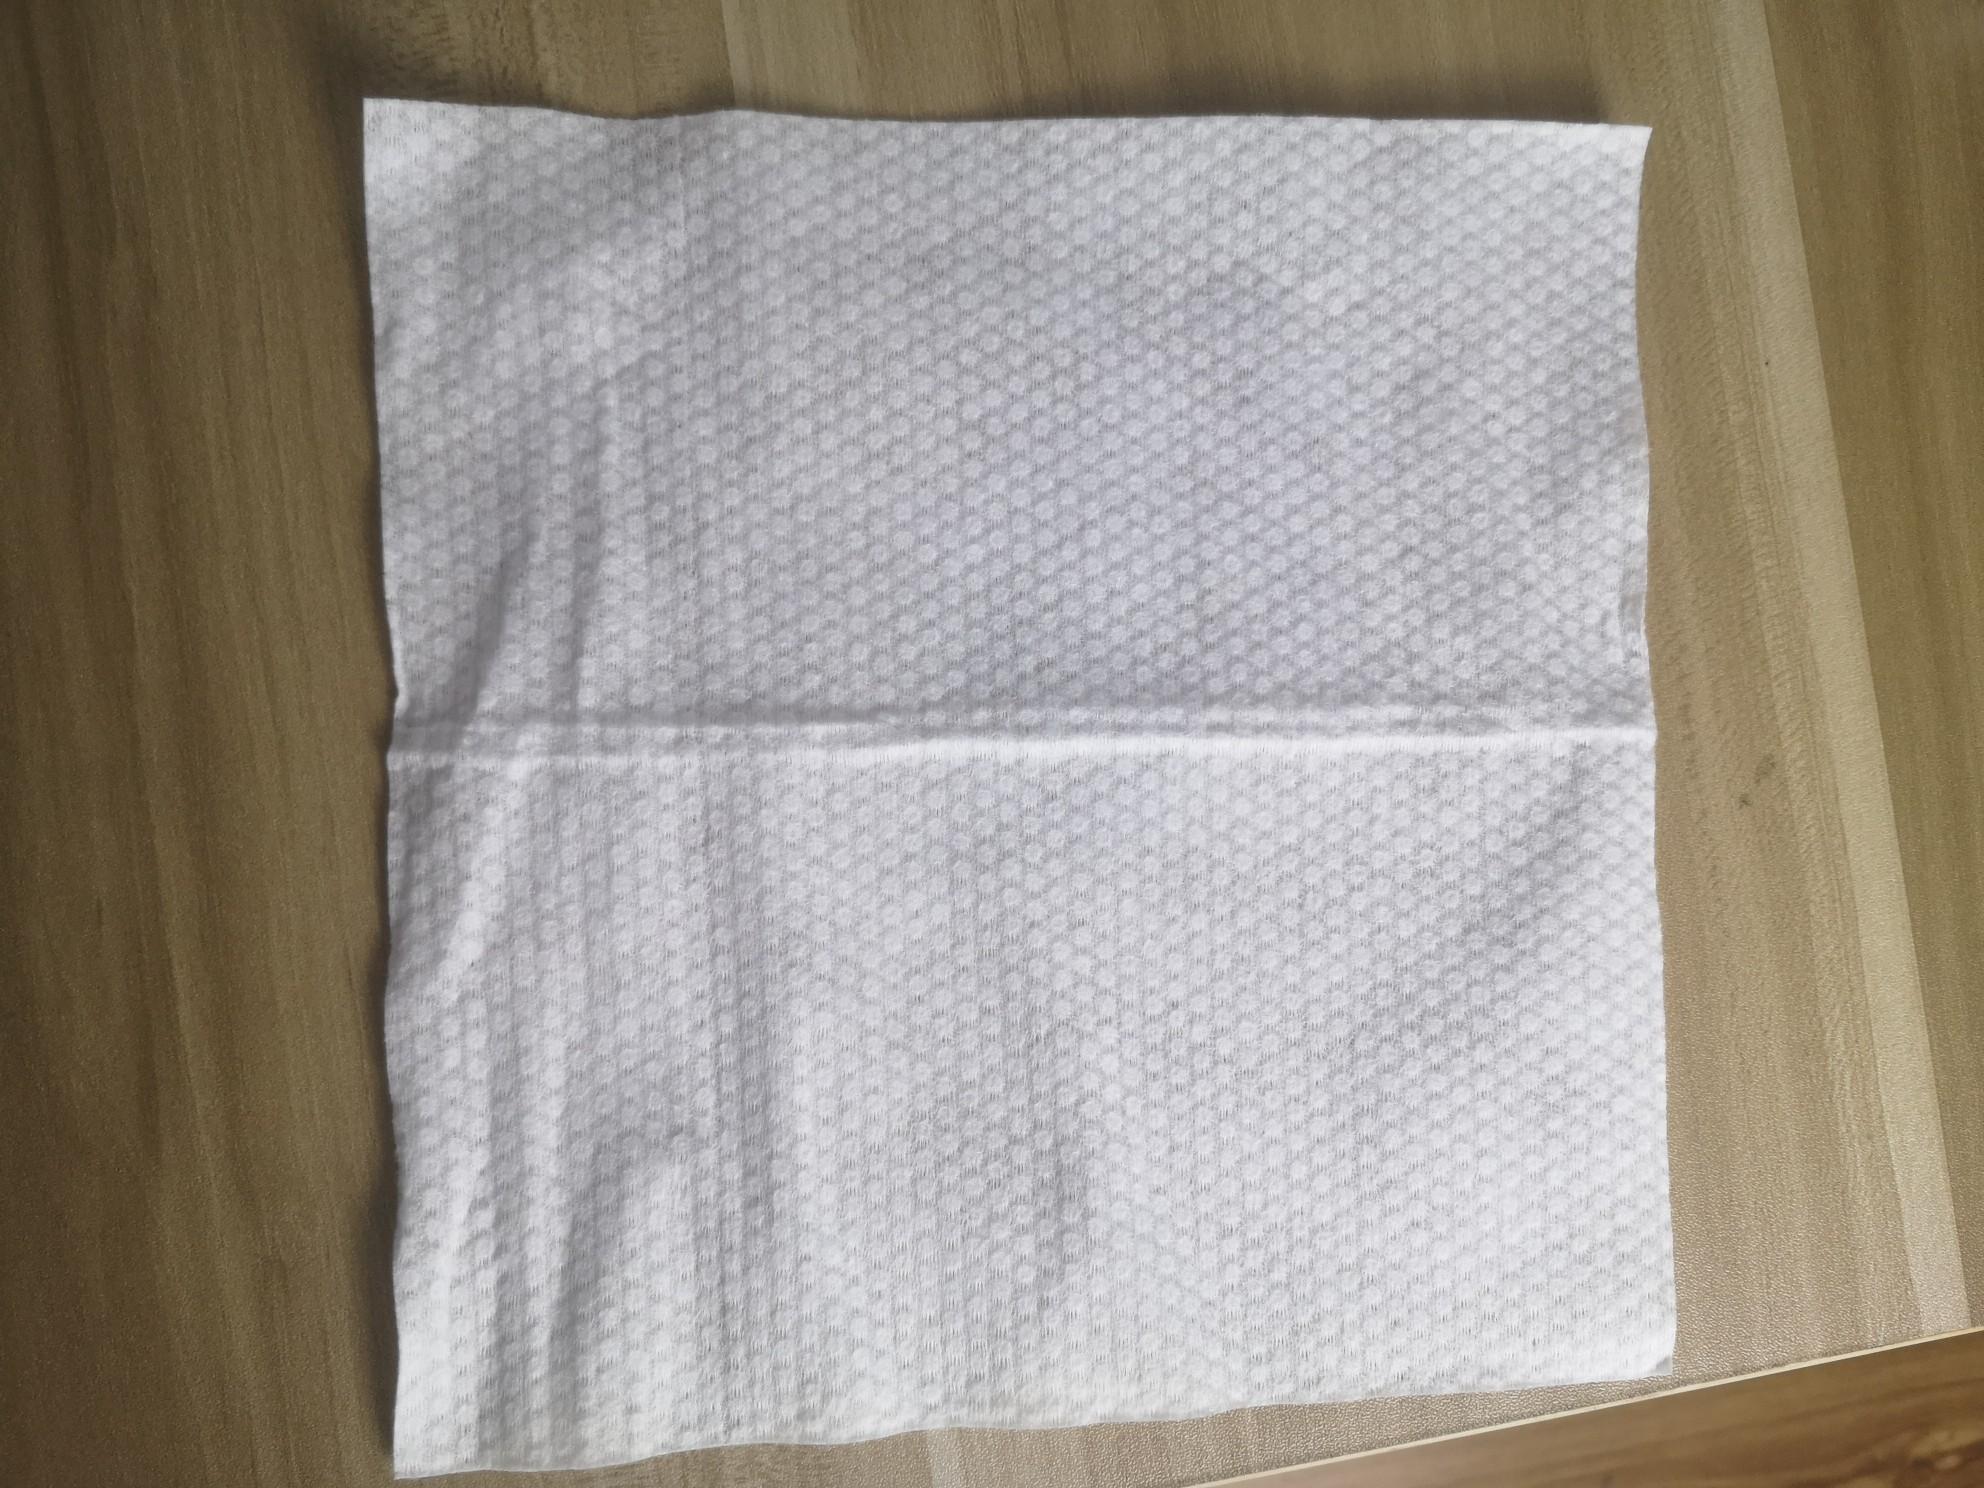 【市面冰价】整整80抽一大包洗脸巾珍珠纹